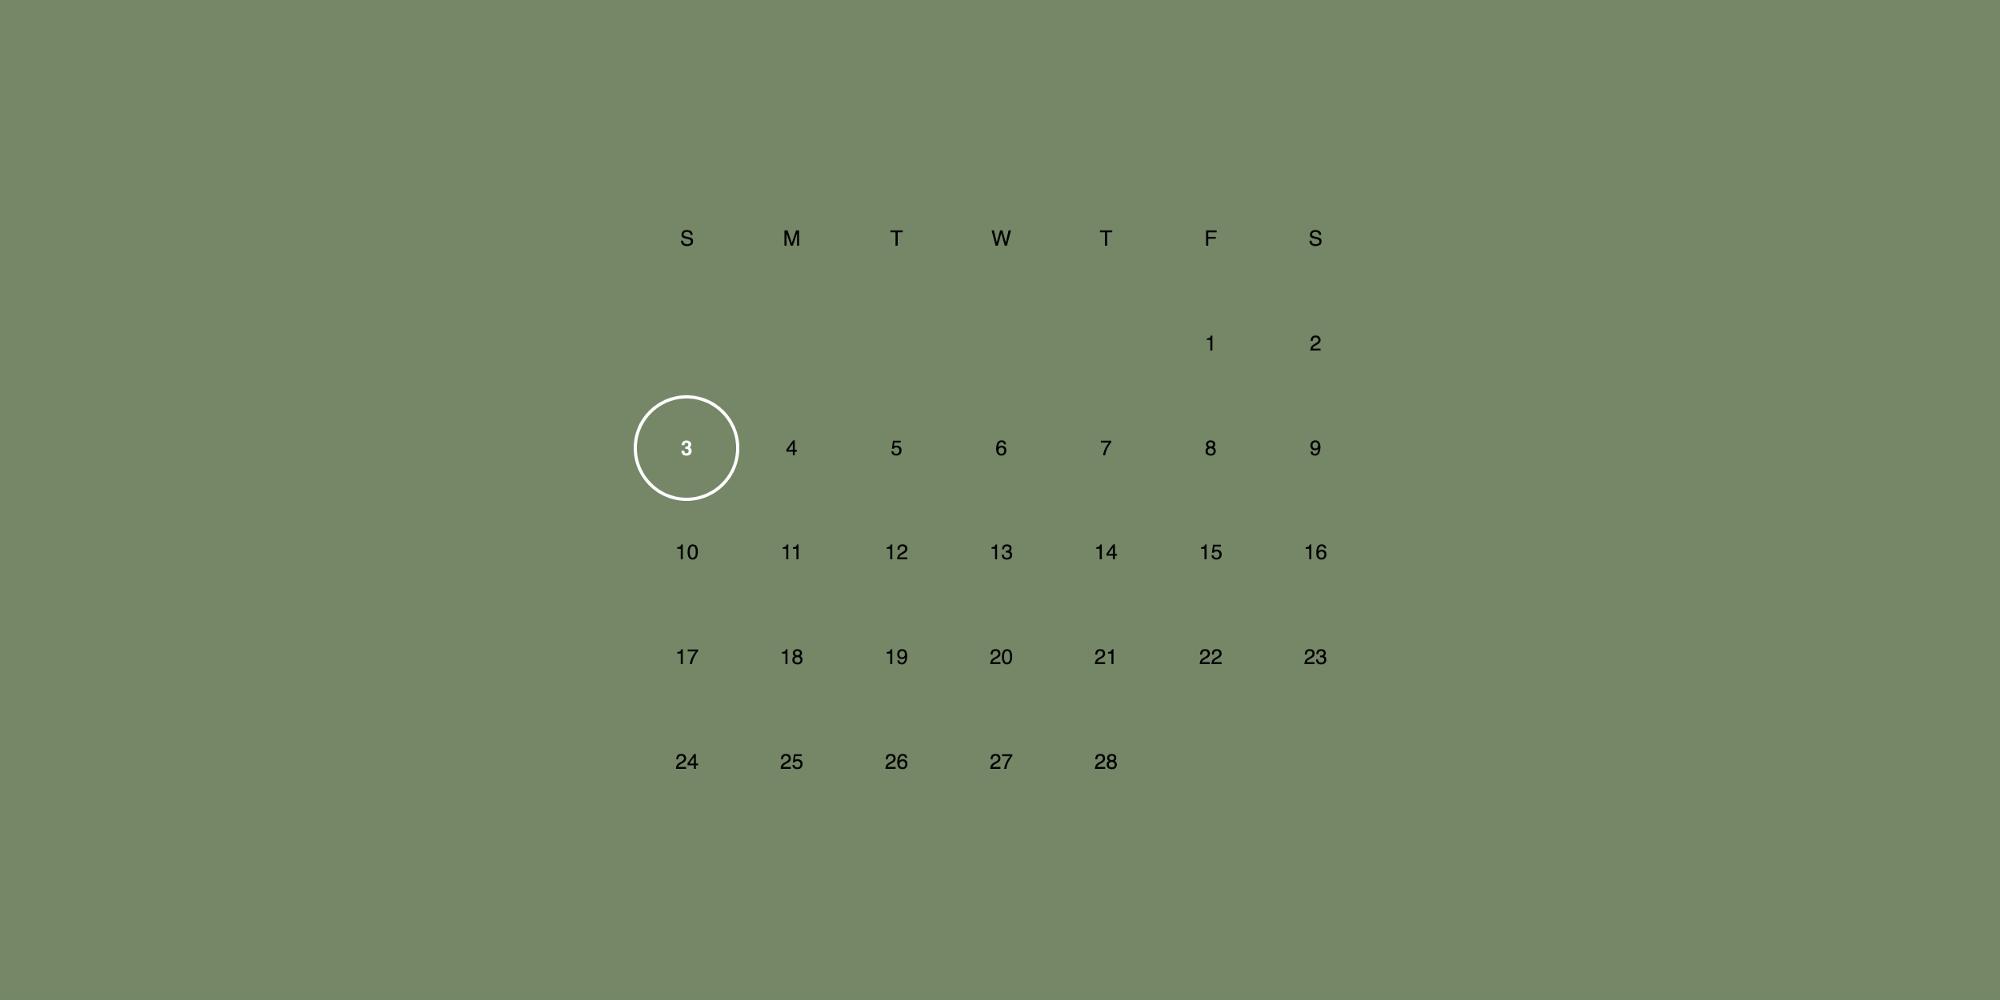 Создание Чертовски Простого Макета Календаря С Помощью Css with Calendar Template Html Css